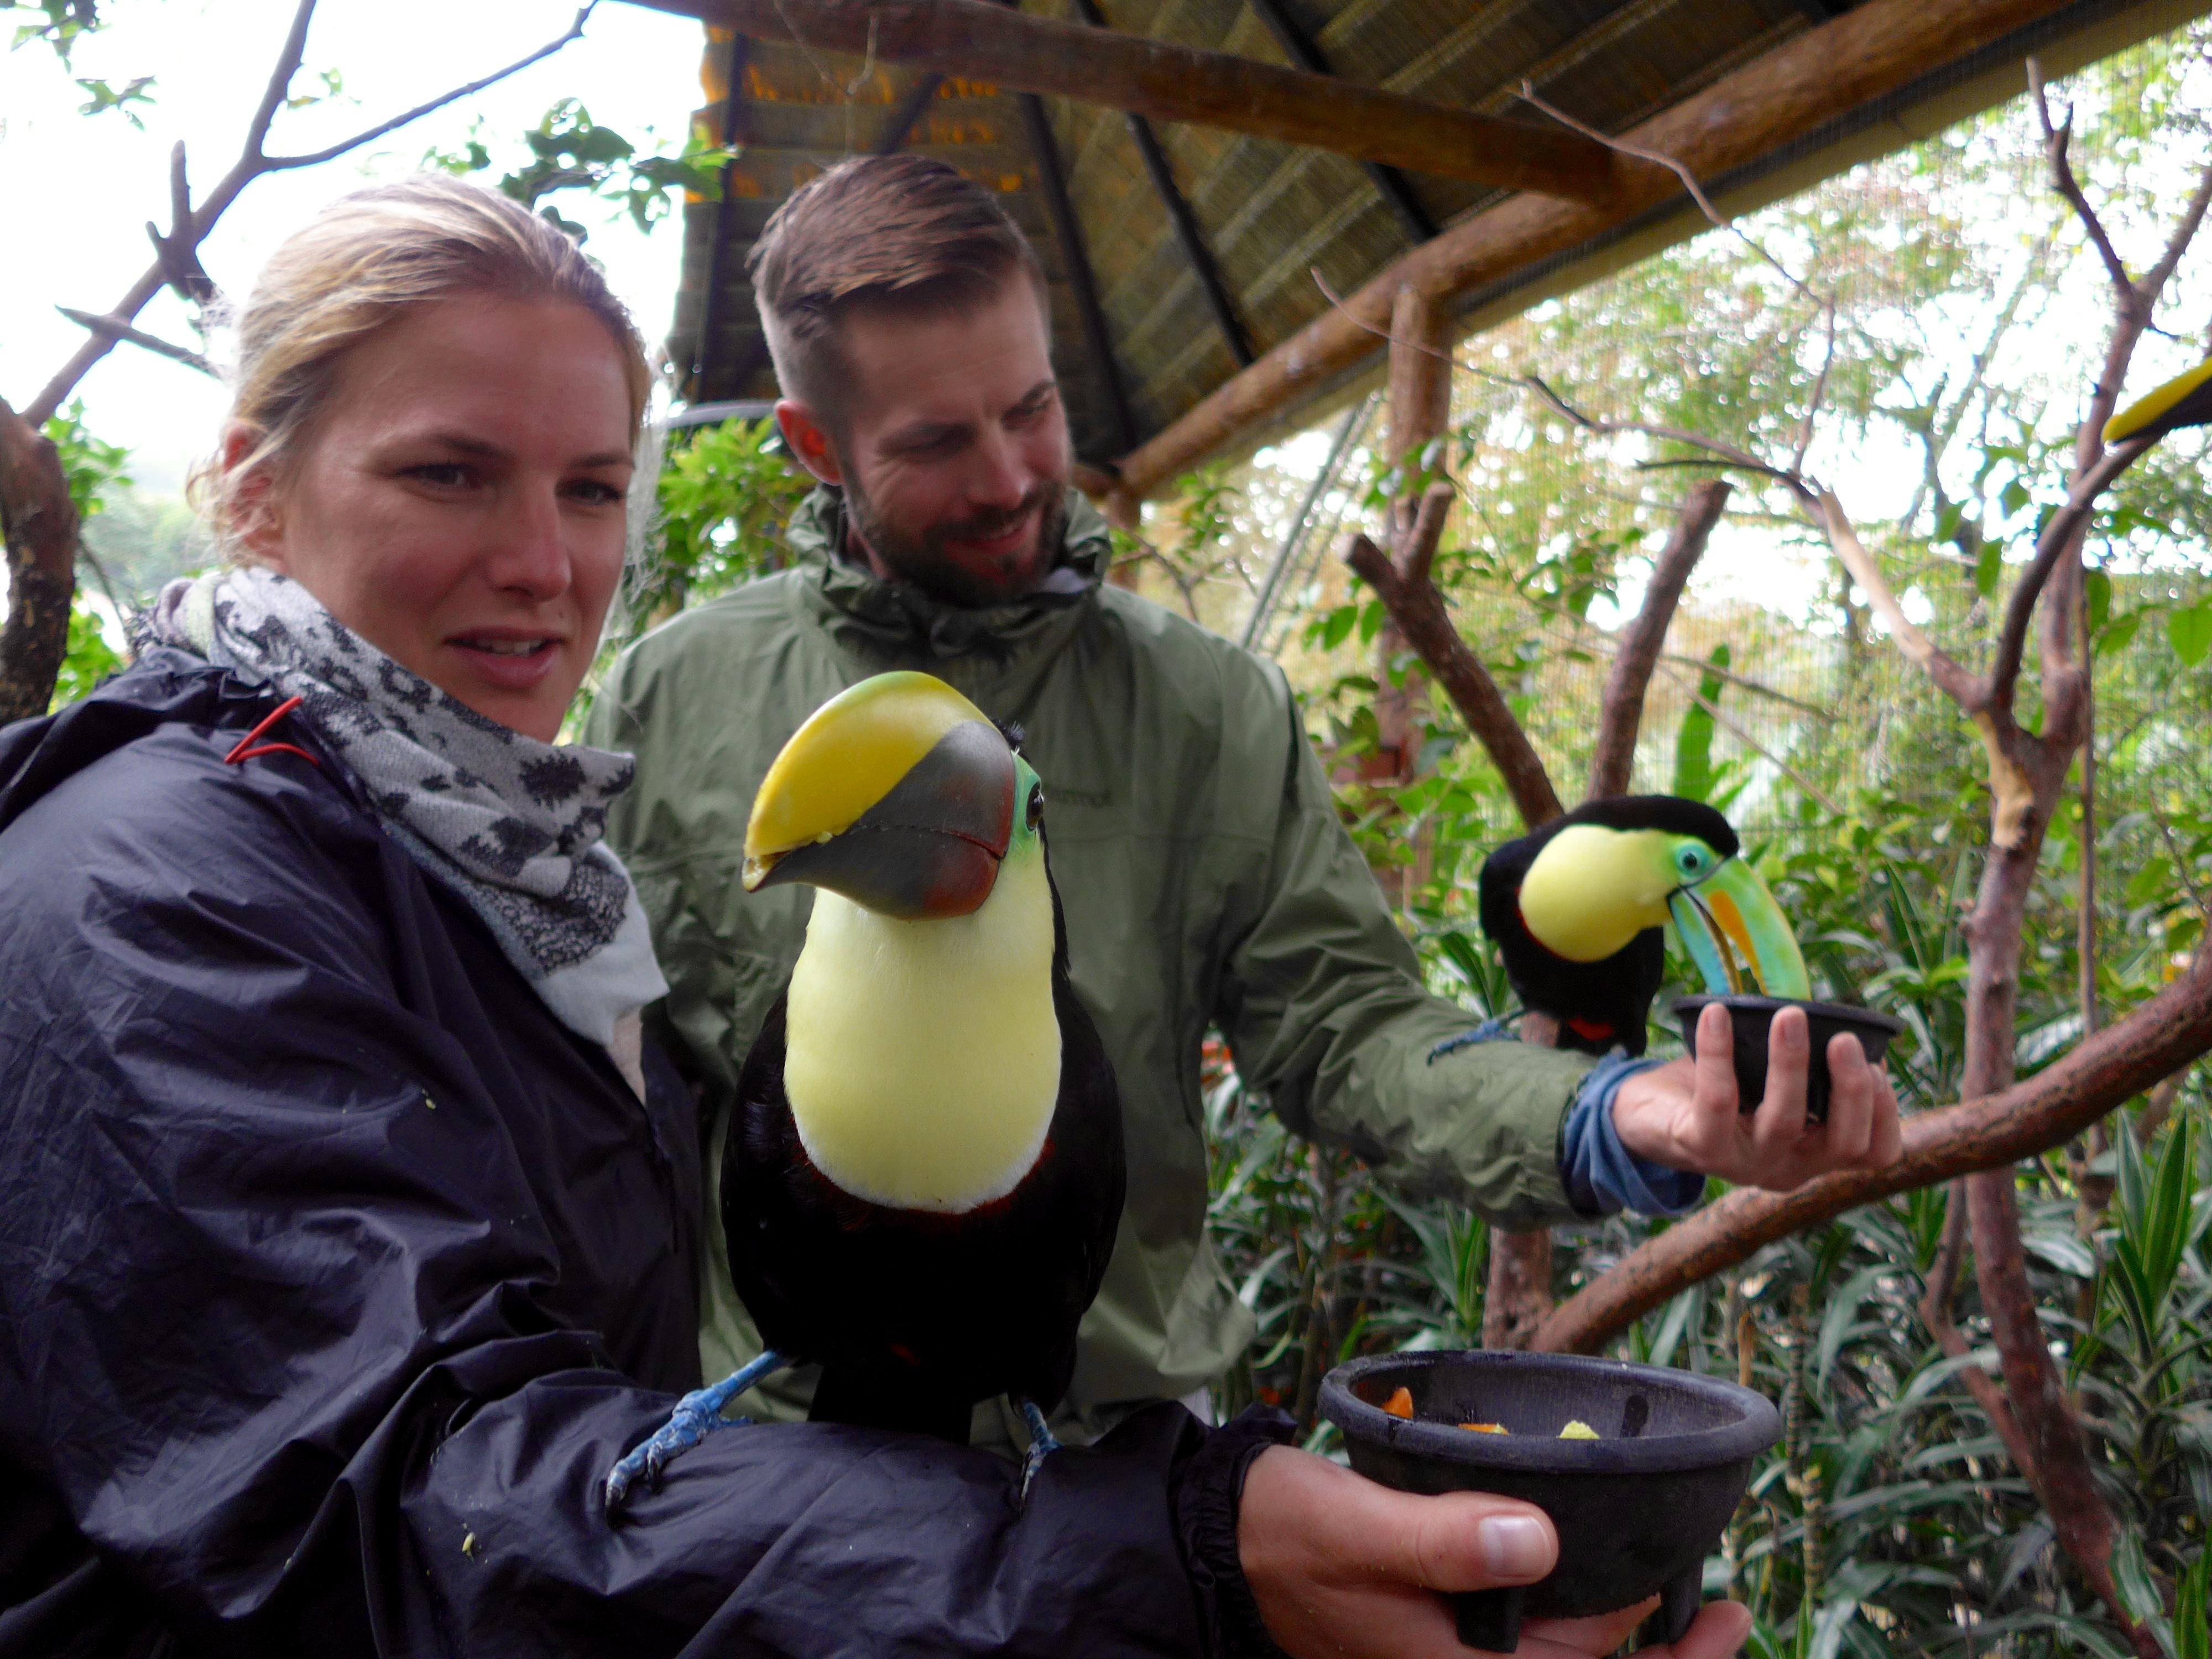 Mit Abstand die schönsten Vögel des Planeten: Tukane.